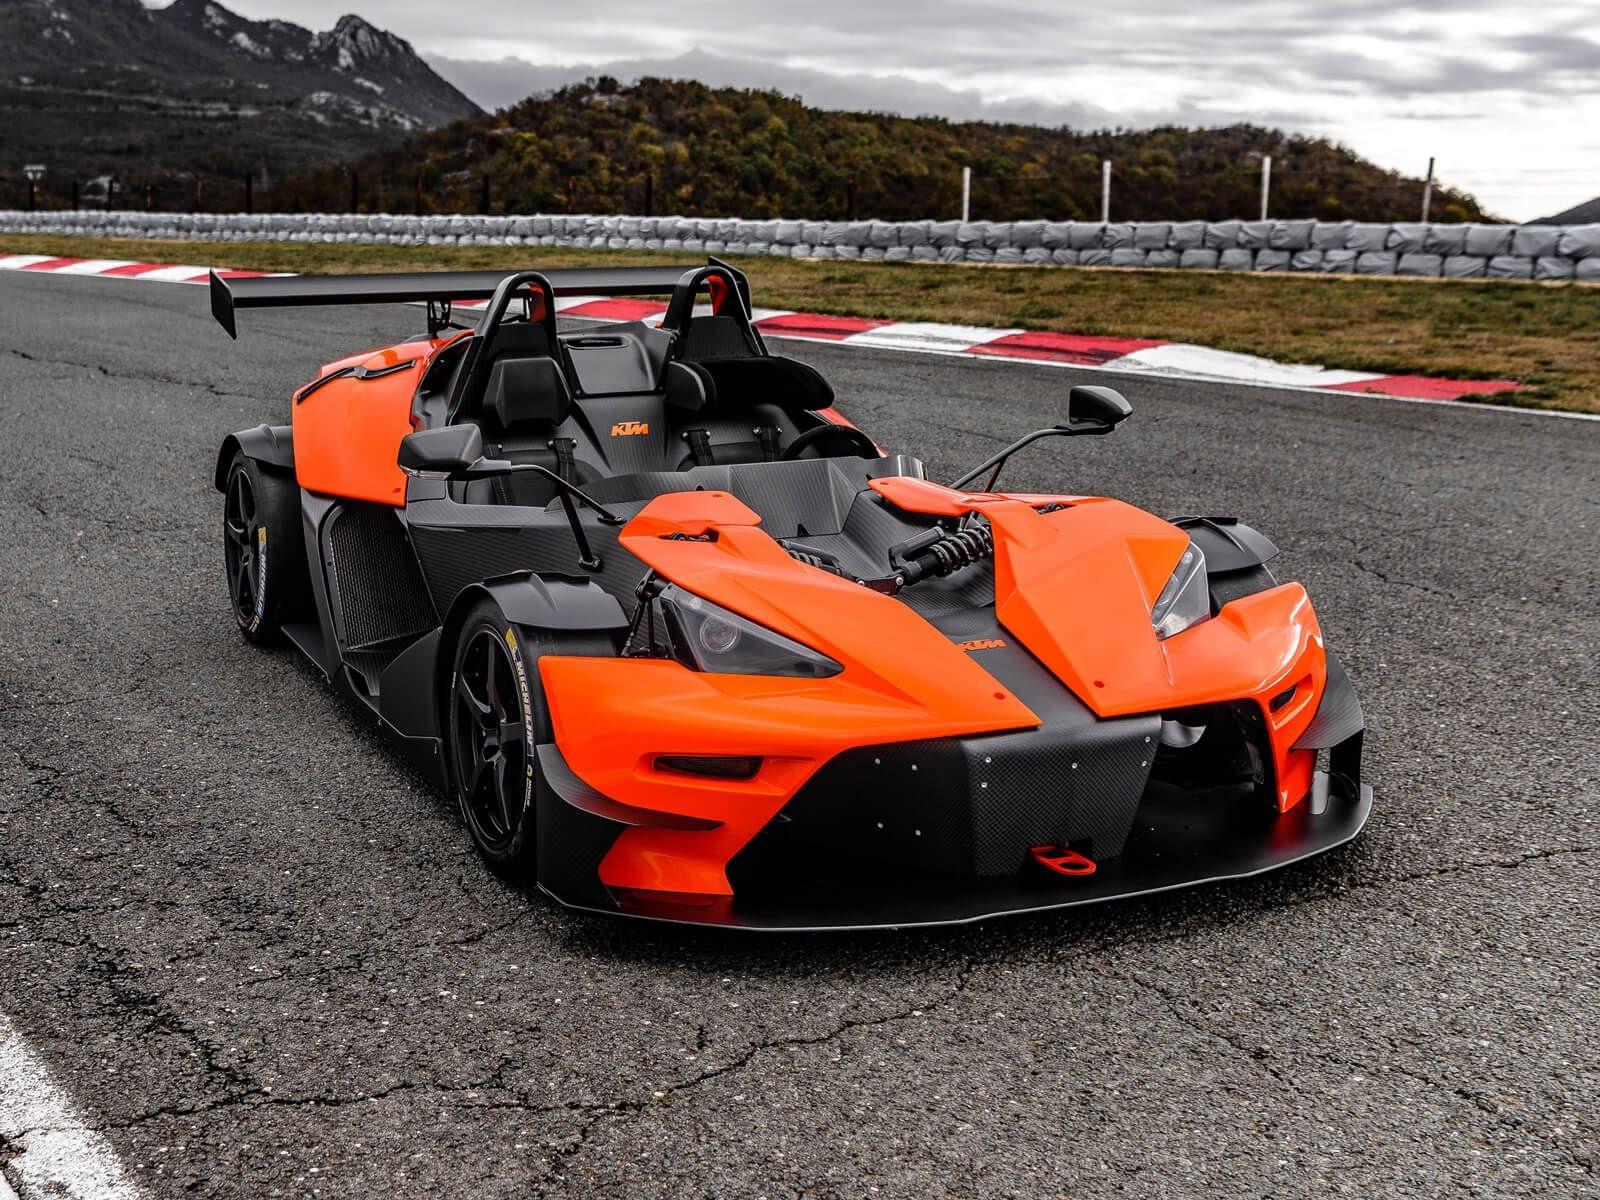 К счастью, это скоро изменится, так как X-Bow наконец-то отправляется в Америку через первых американских партнеров по продажам KTM, среди которых HMC Racing в Висконсине и ANSA Motorsports во Флориде.